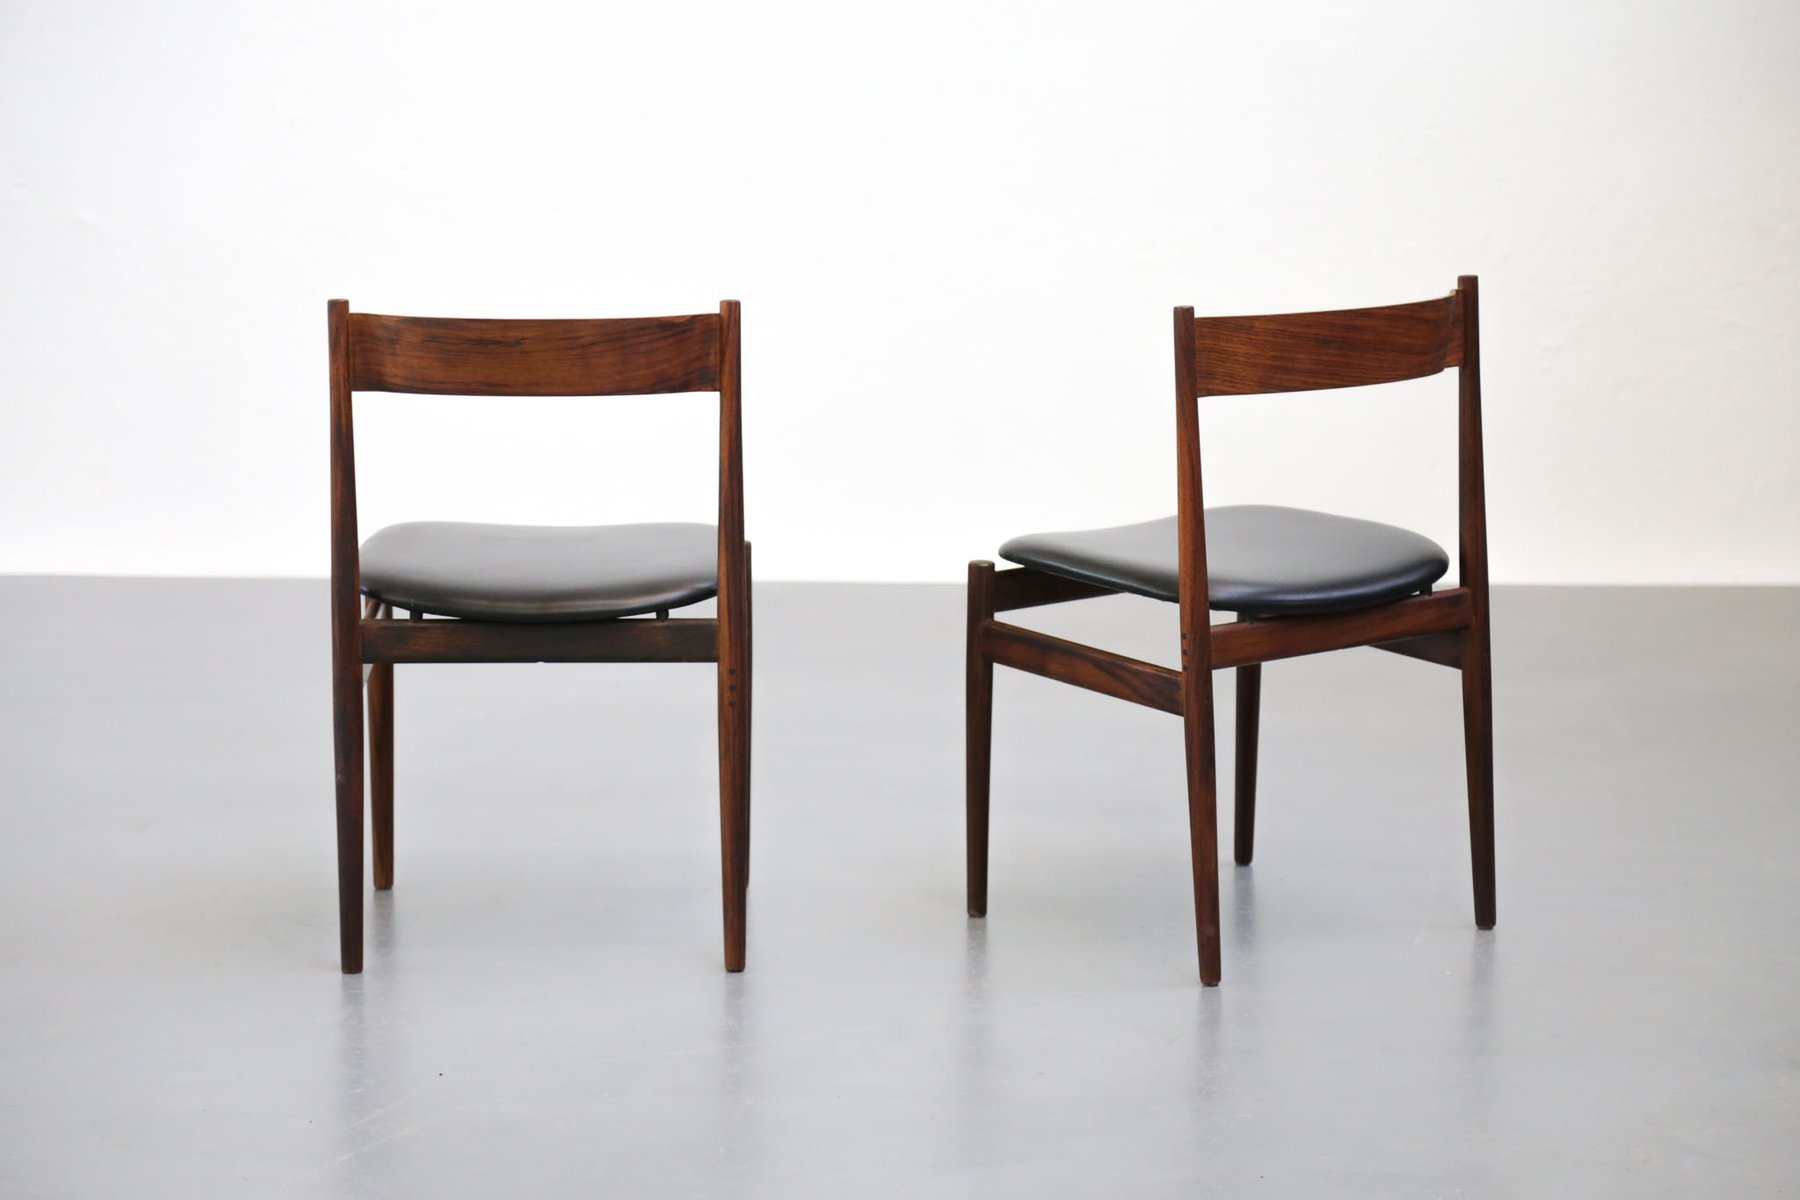 Sedie di gianfranco frattini per cassina italia anni 39 60 for Sedie design anni 20